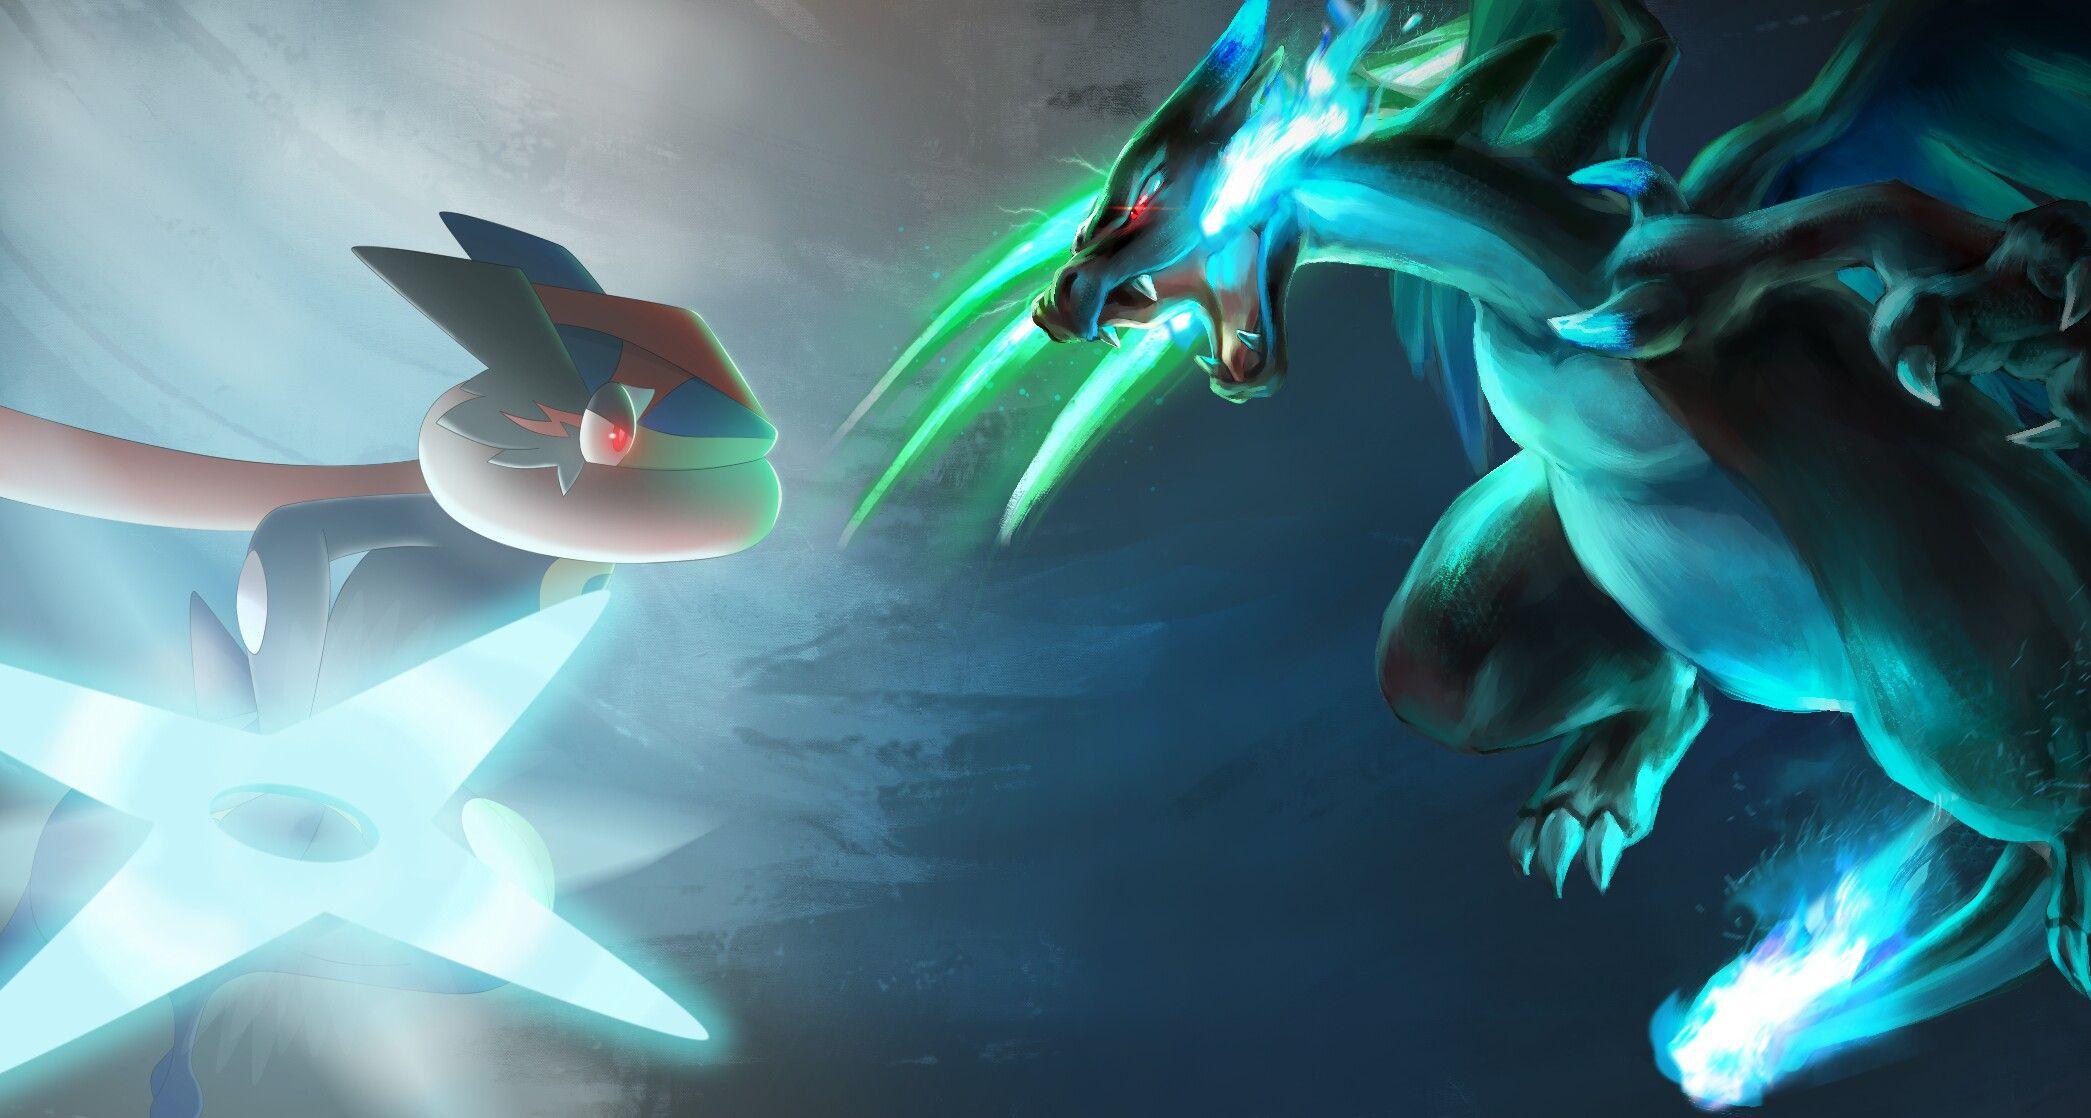 AshGreninja vs Mega Charizard x